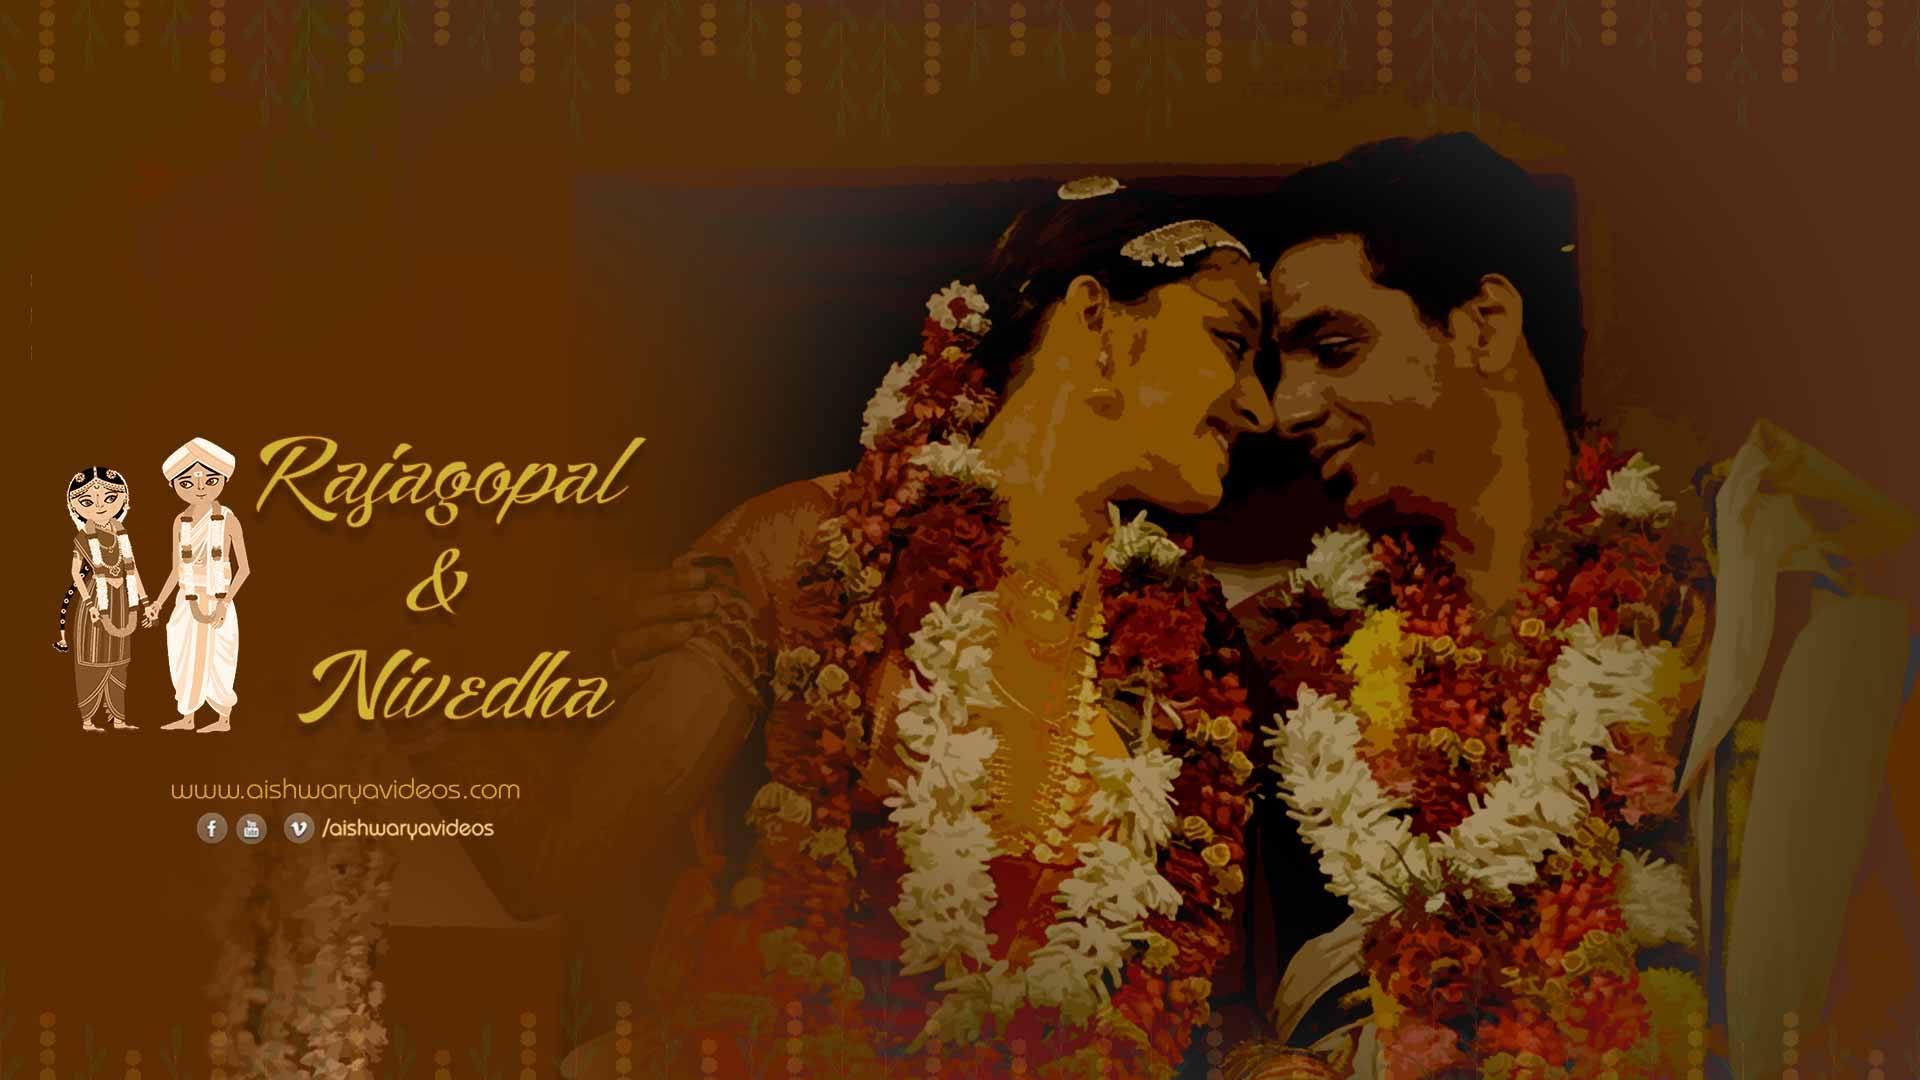 Rajagopal & Nivedha – Candid Wedding Video